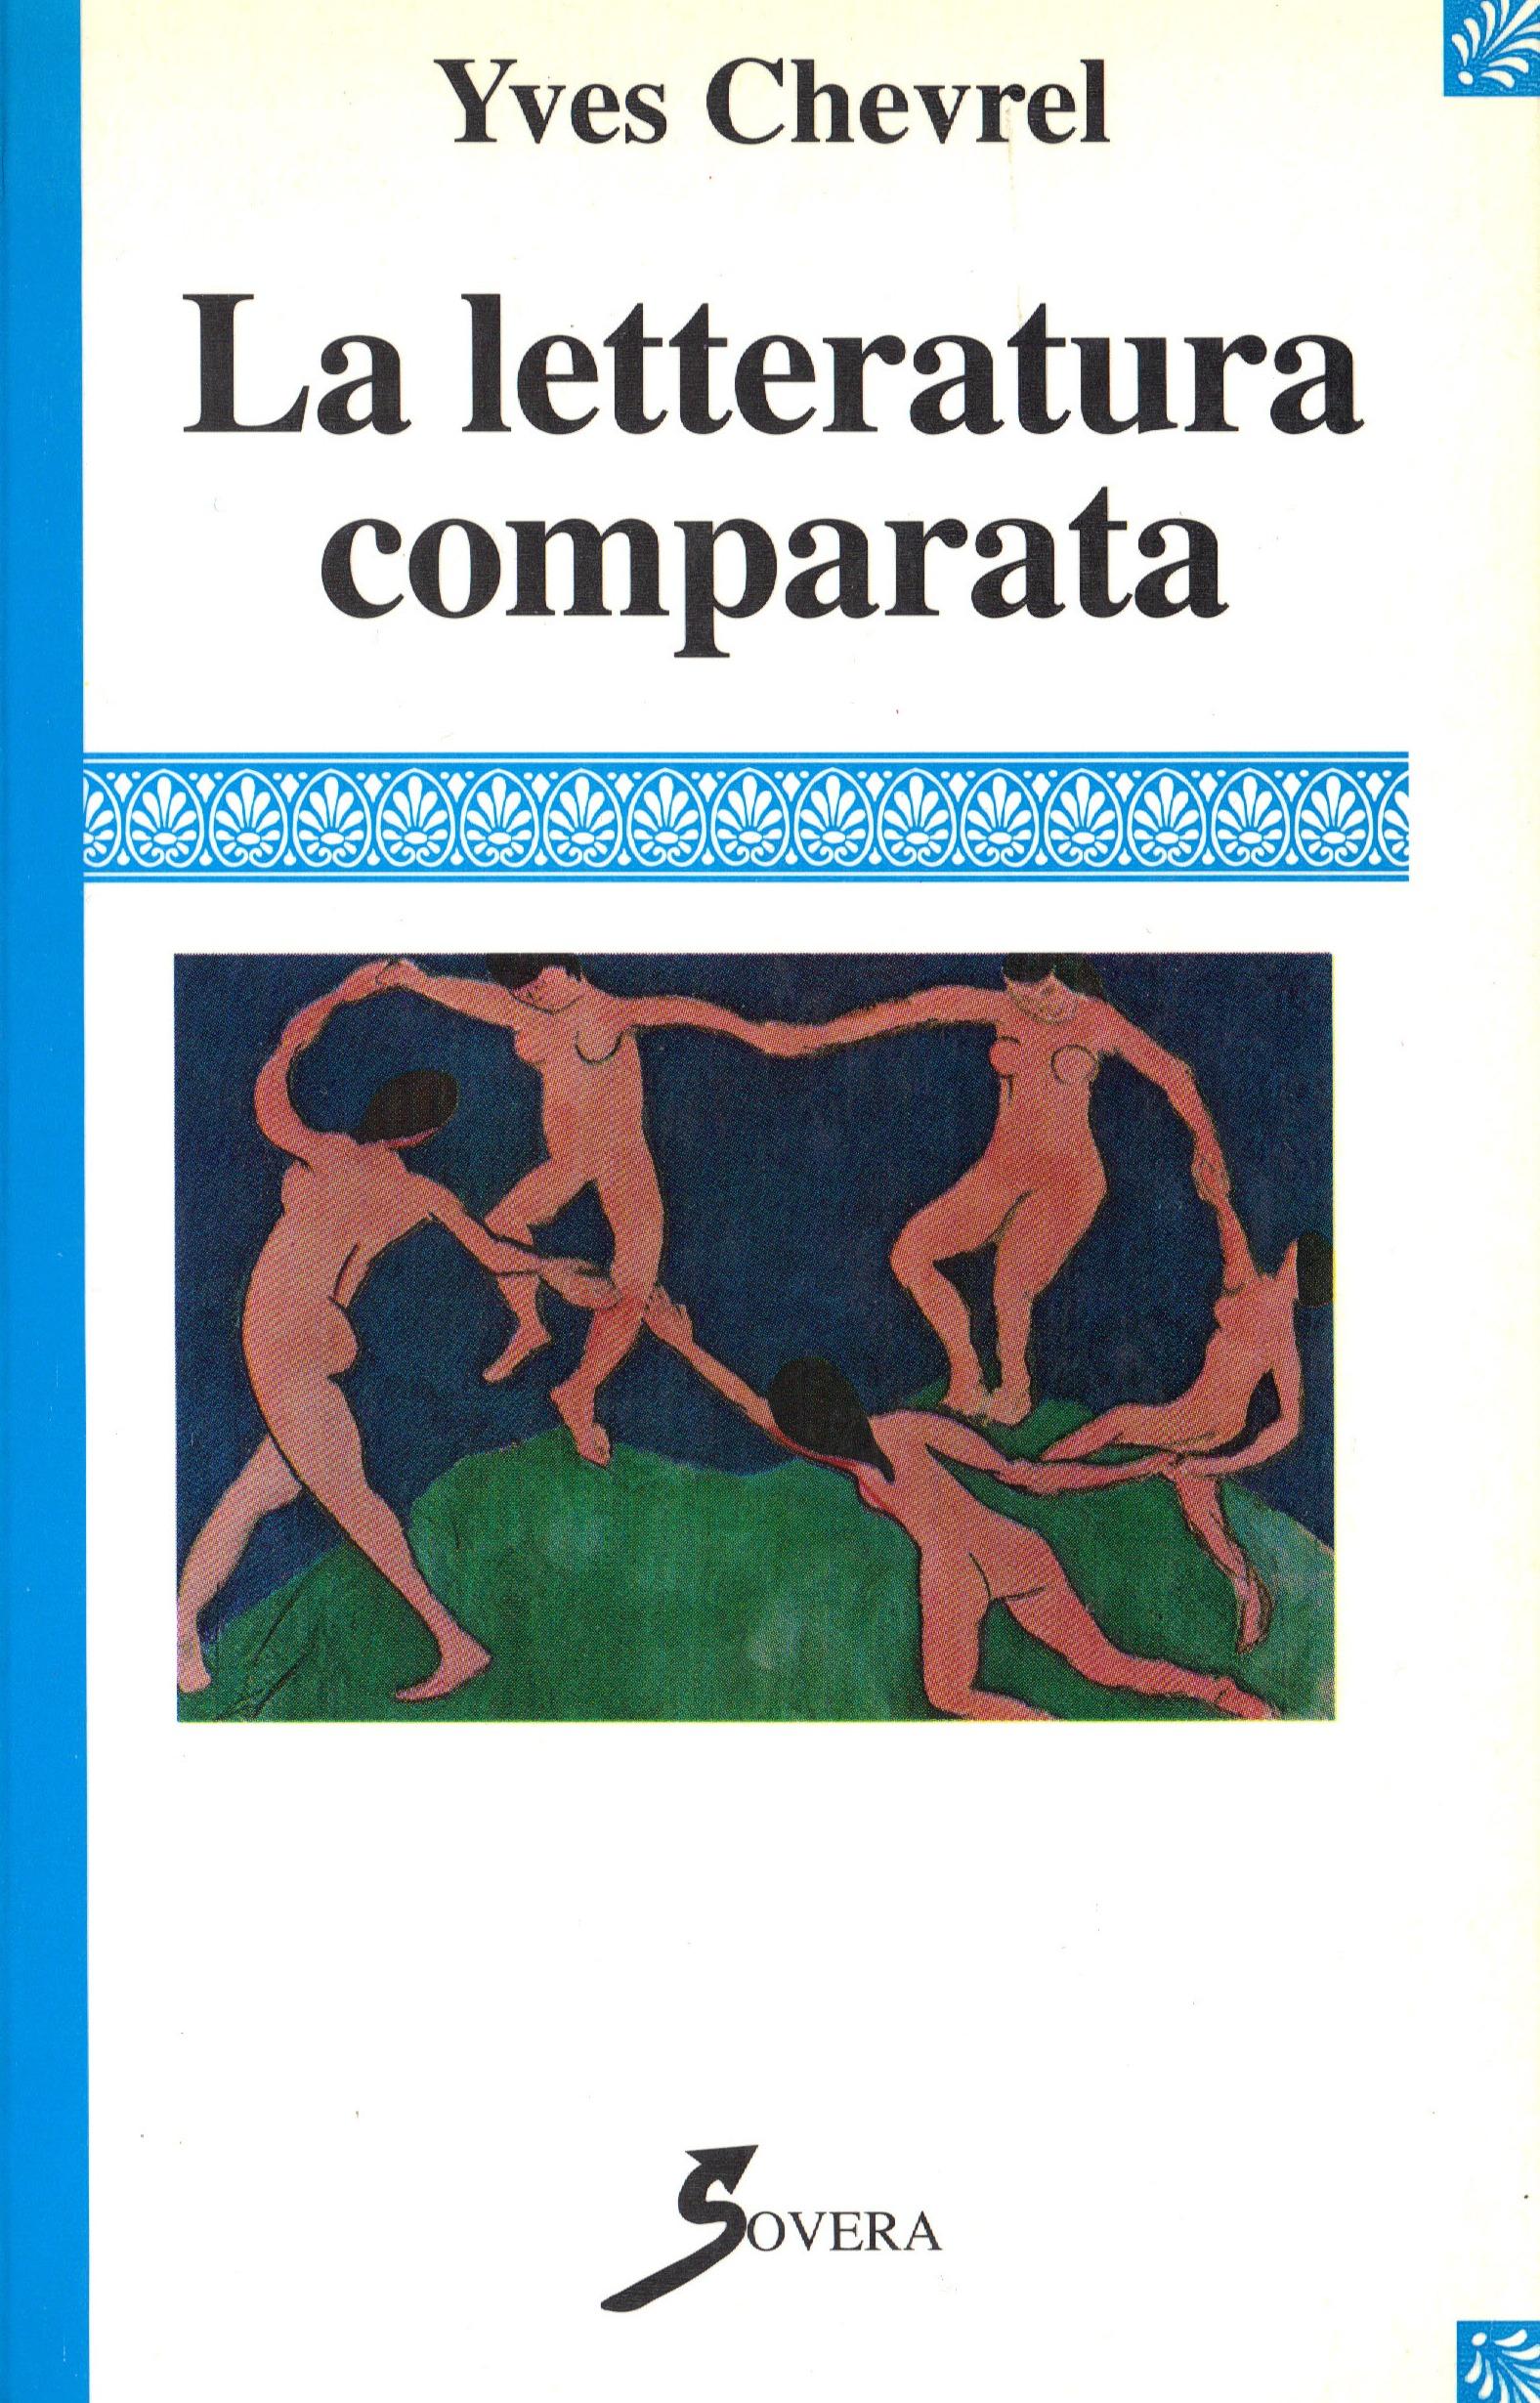 La letteratura comparata